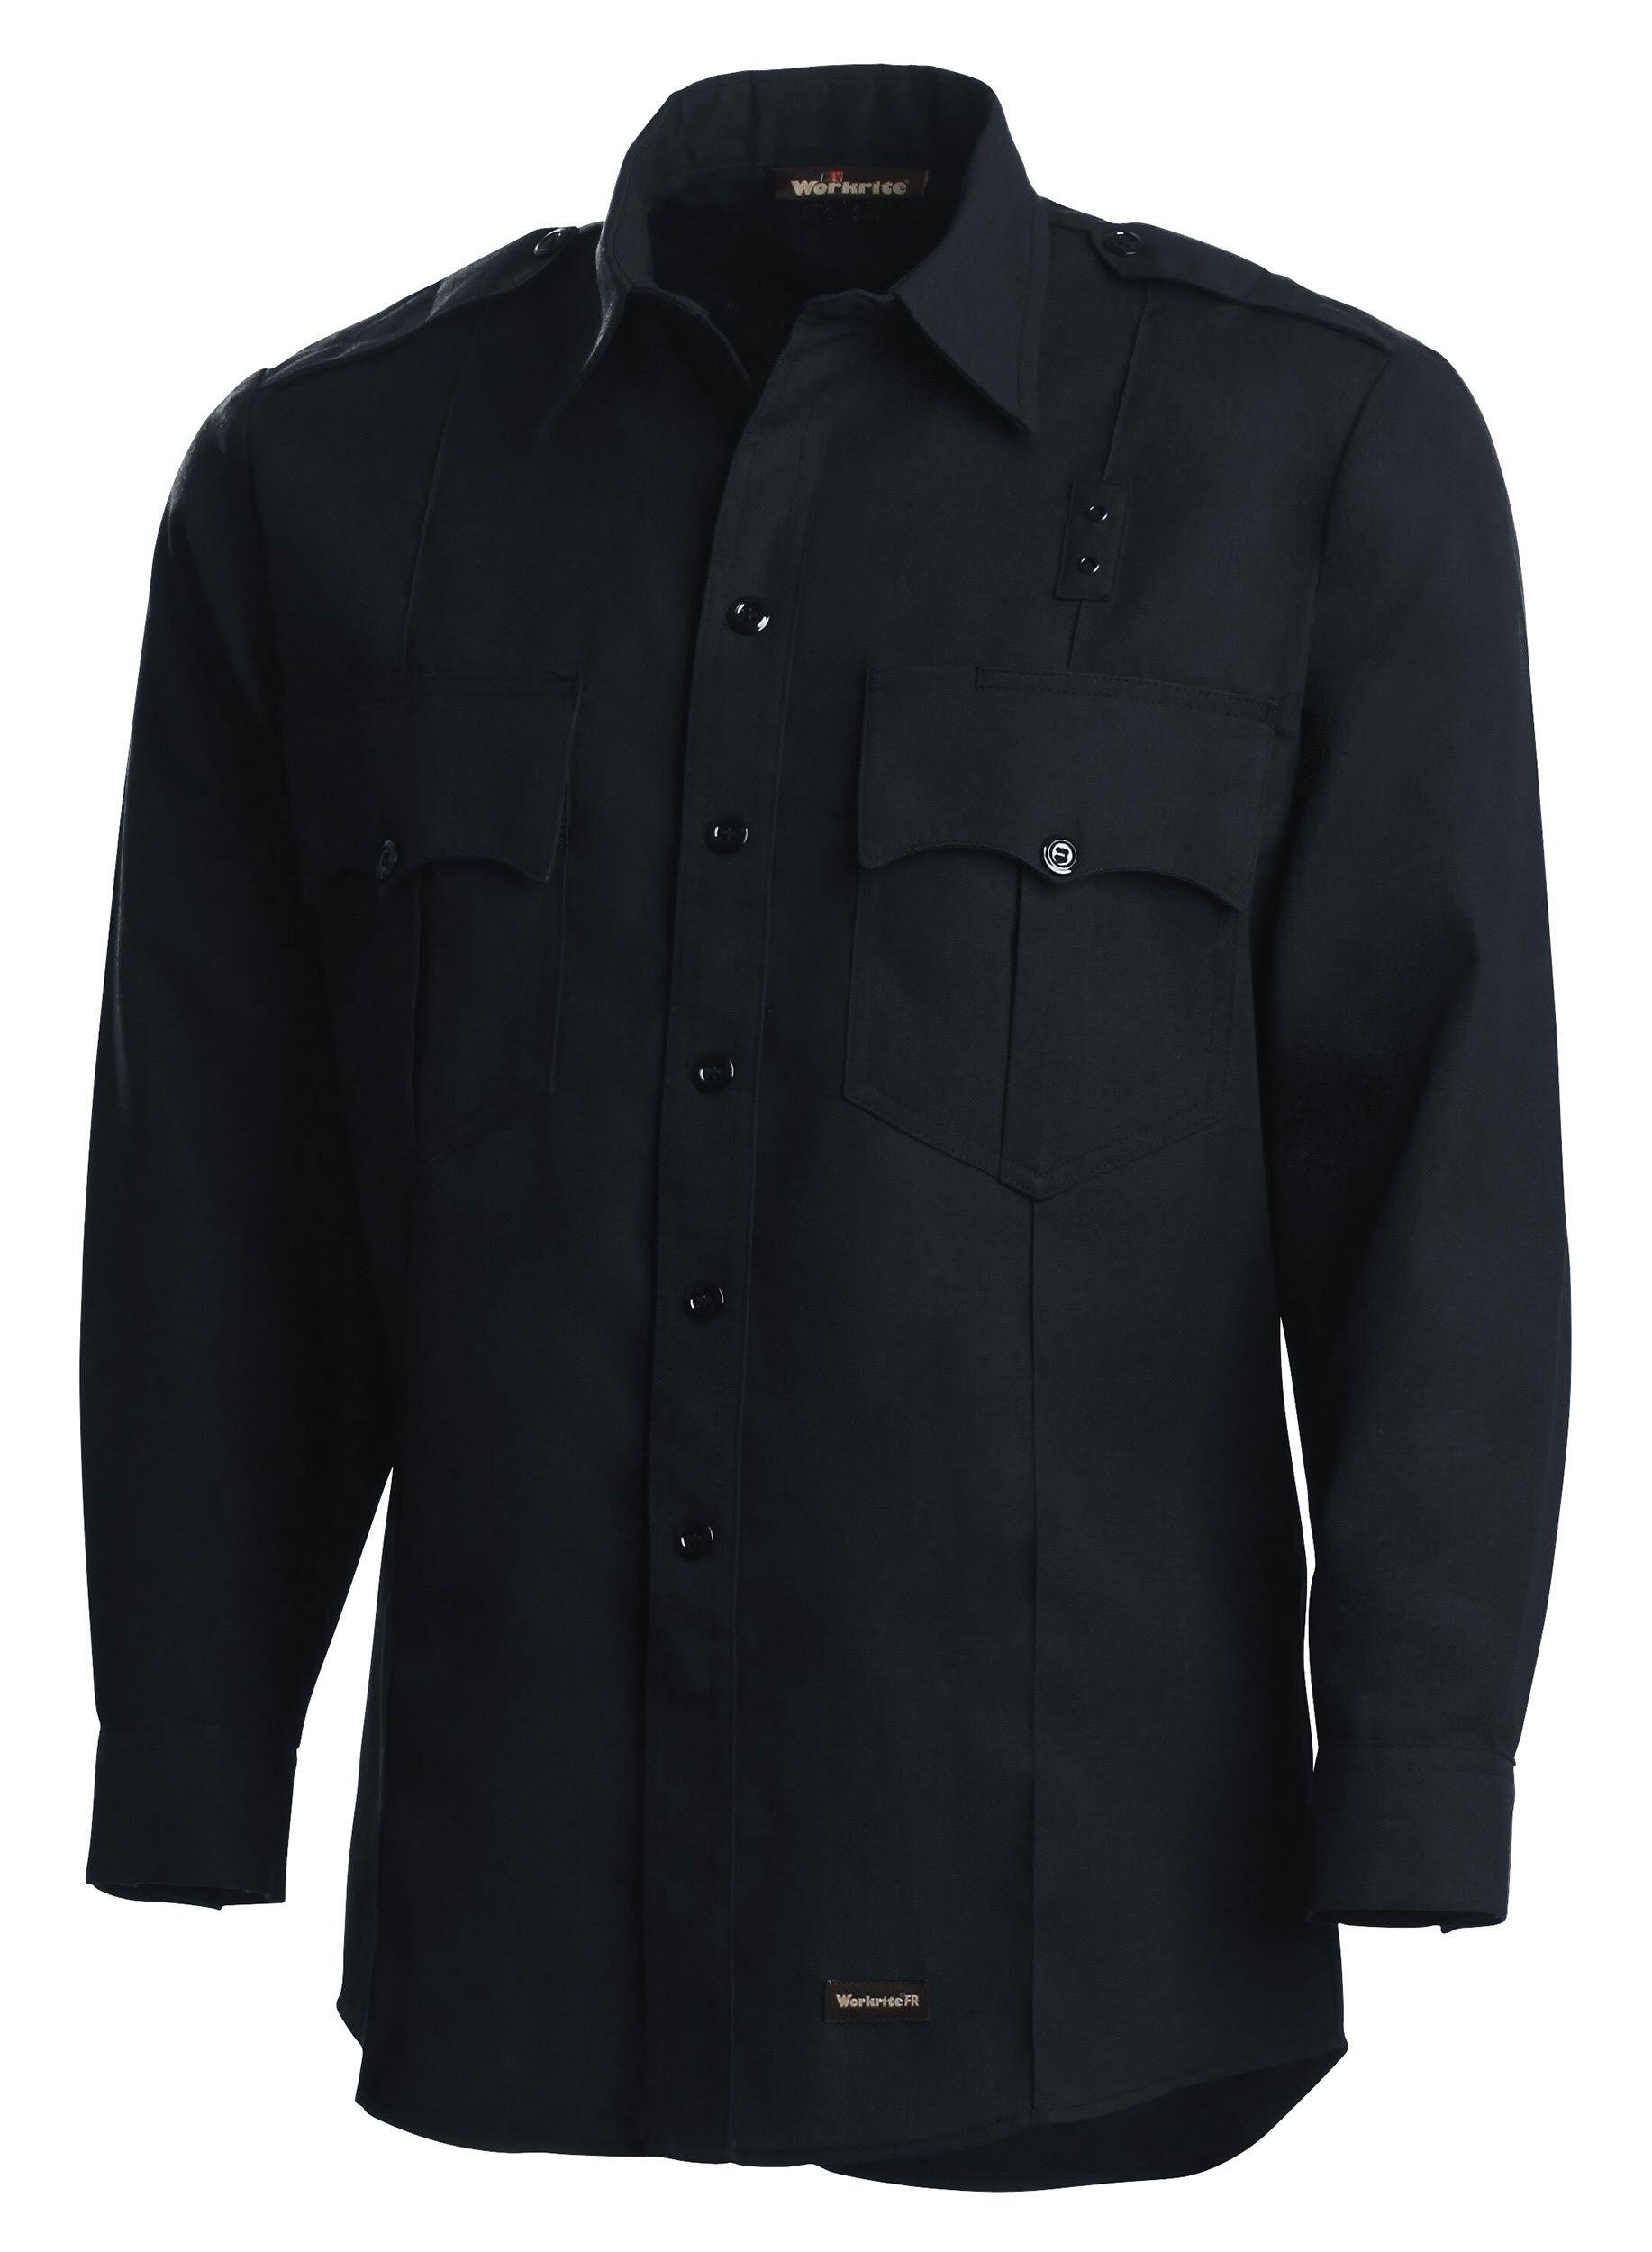 4.5 oz. Nomex IIIA Long-Sleeve Fire Officer Shirt-Workrite Fire Service